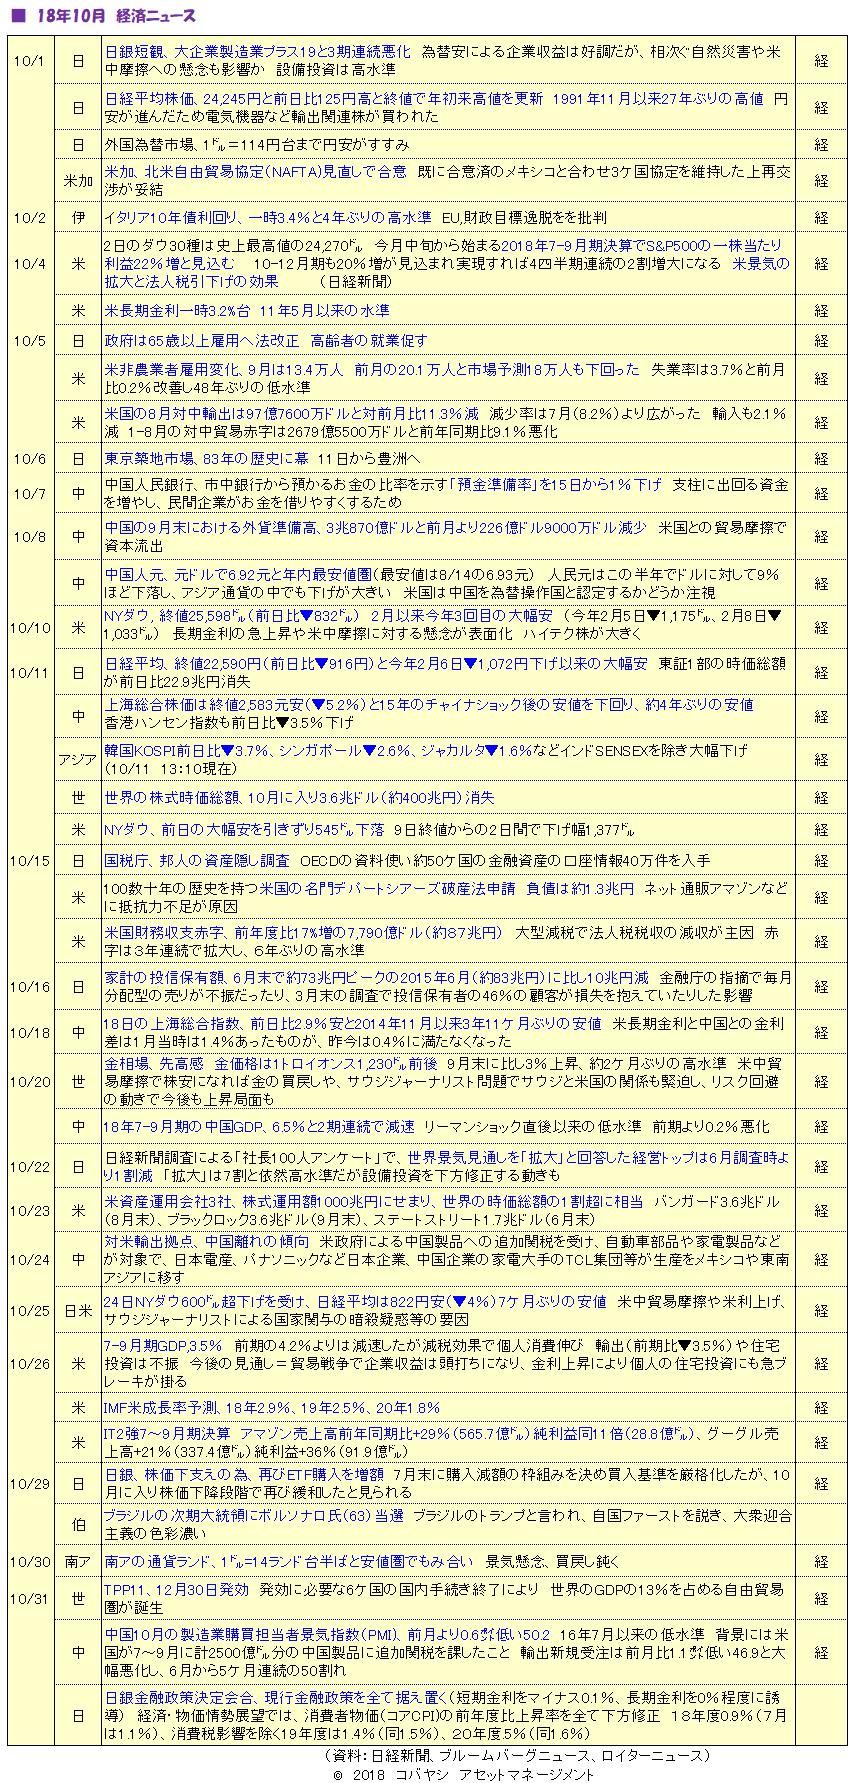 '1810_経済ニュース